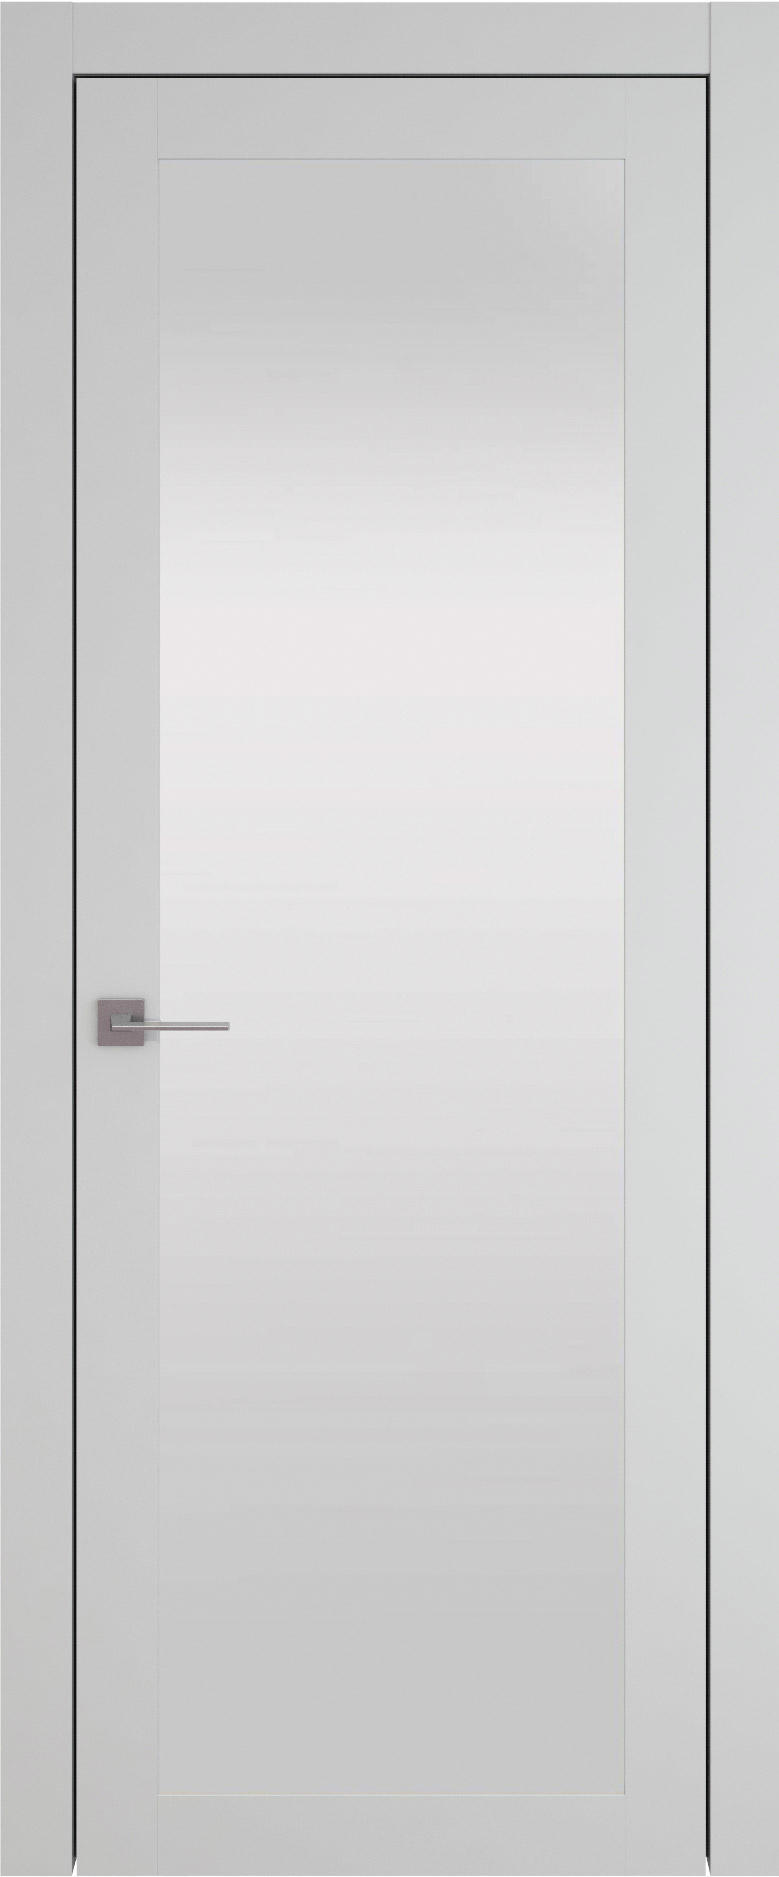 Tivoli З-1 цвет - Серая эмаль (RAL 7047) Со стеклом (ДО)